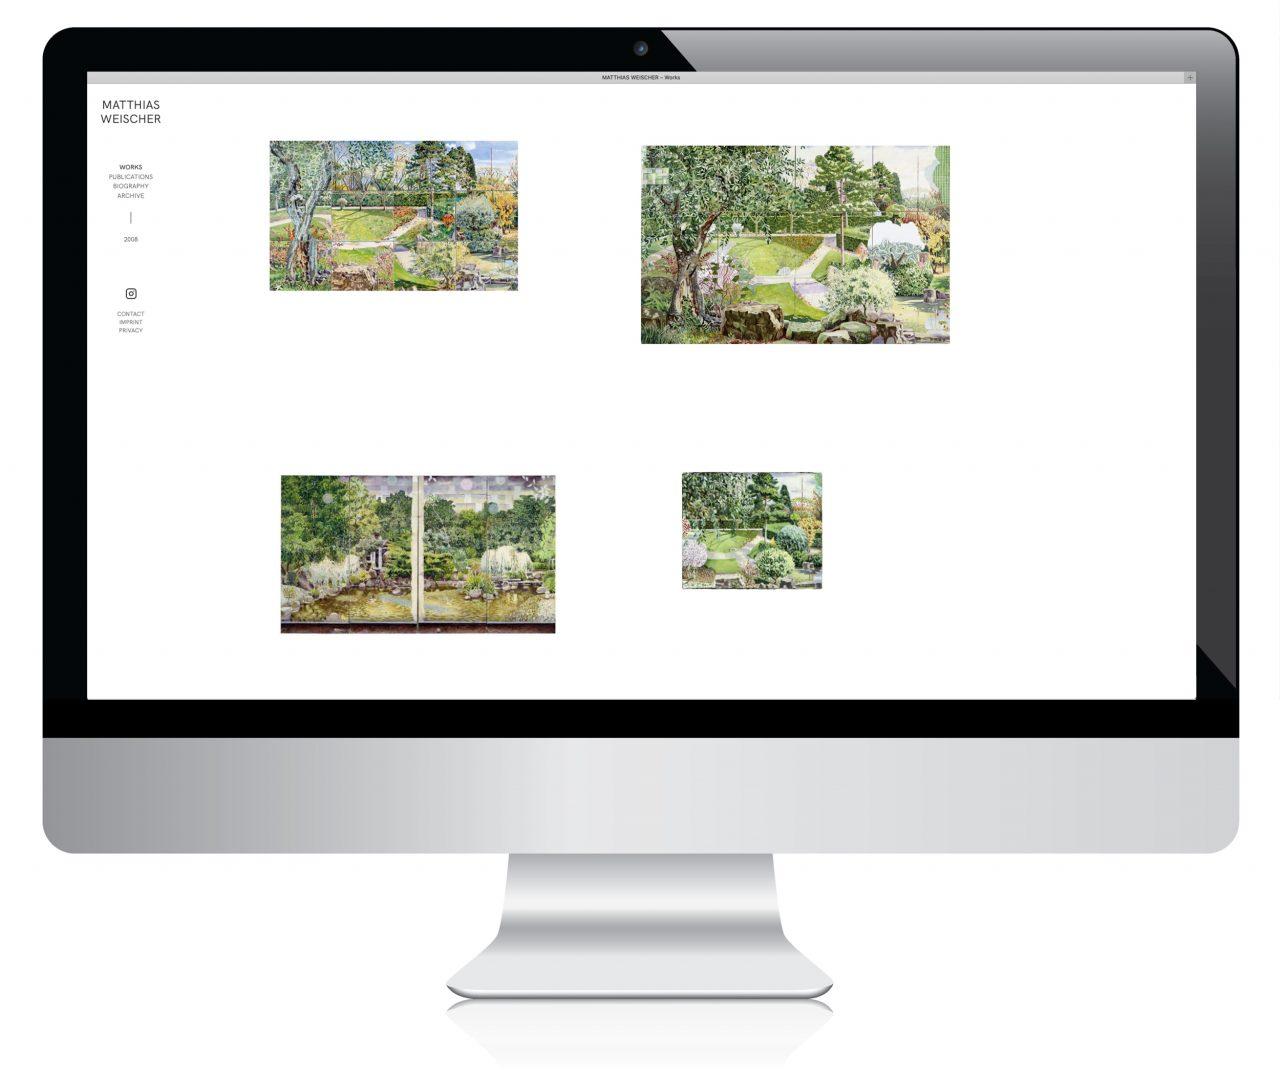 matthias weischer: webdesign marta ricci